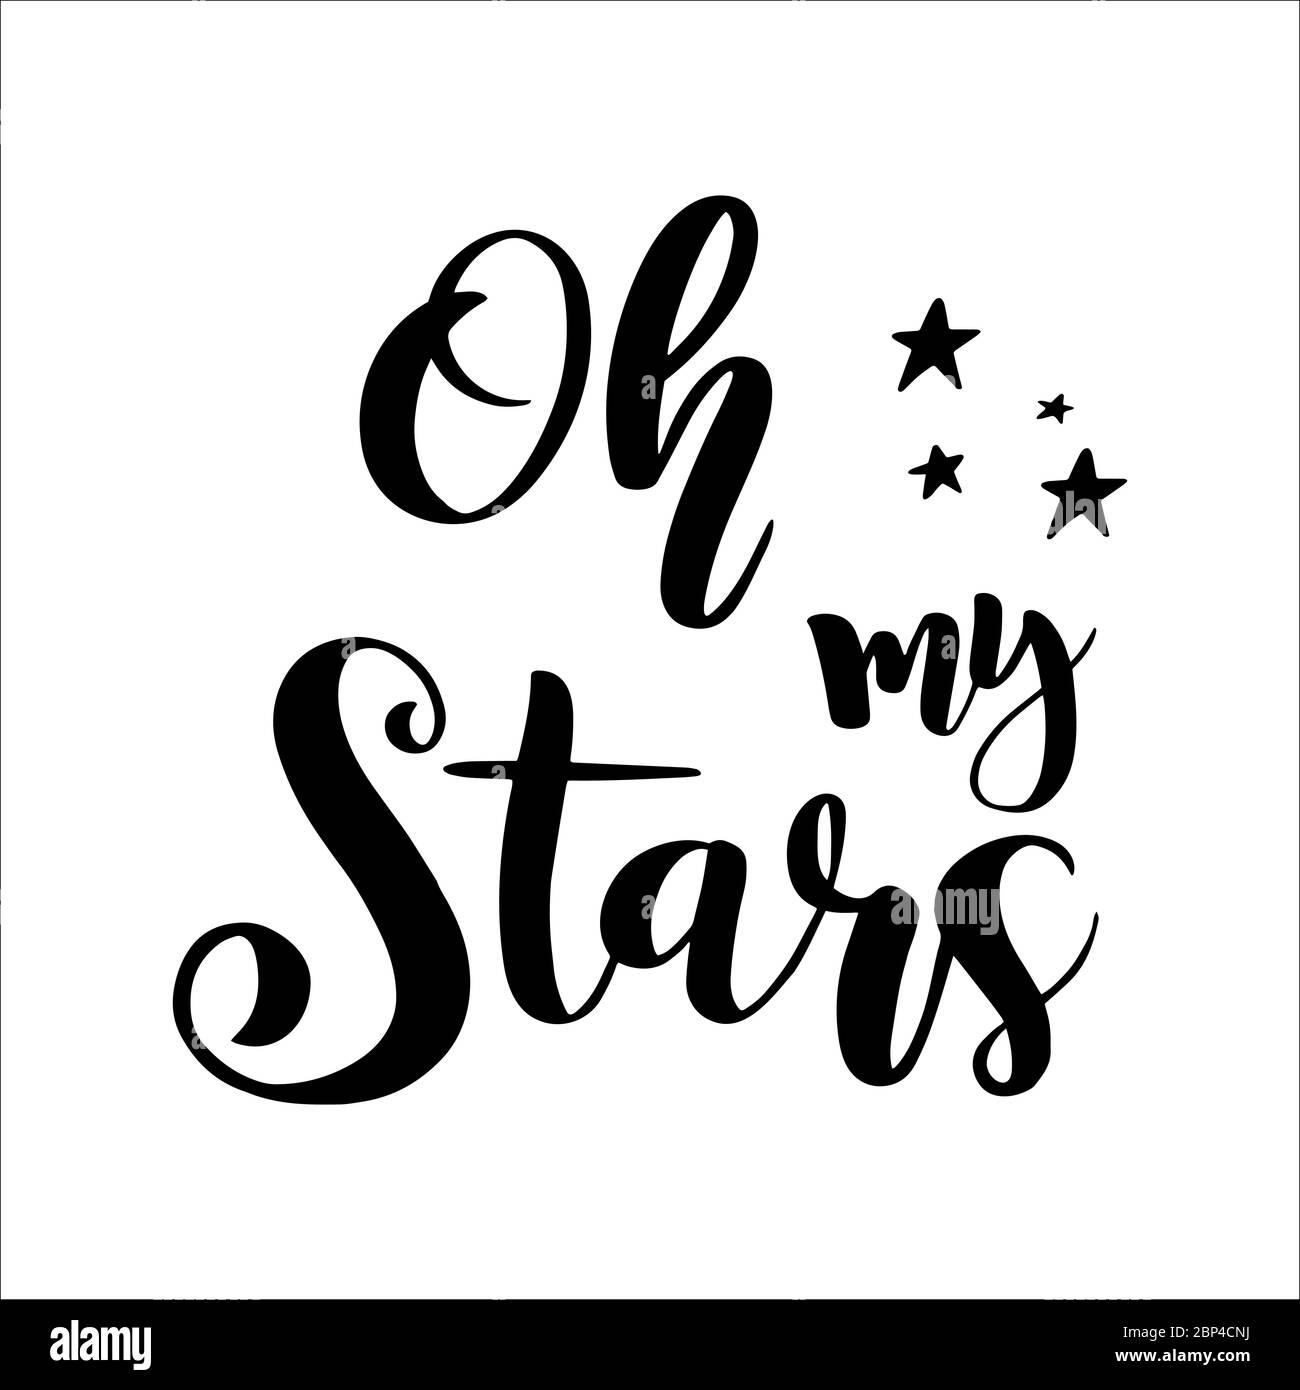 """Frase """"OH, le mie stelle"""" su sfondo bianco. Scritte disegnate per cartolina, invito, poster, icona, t-shirt, tazza Illustrazione Vettoriale"""